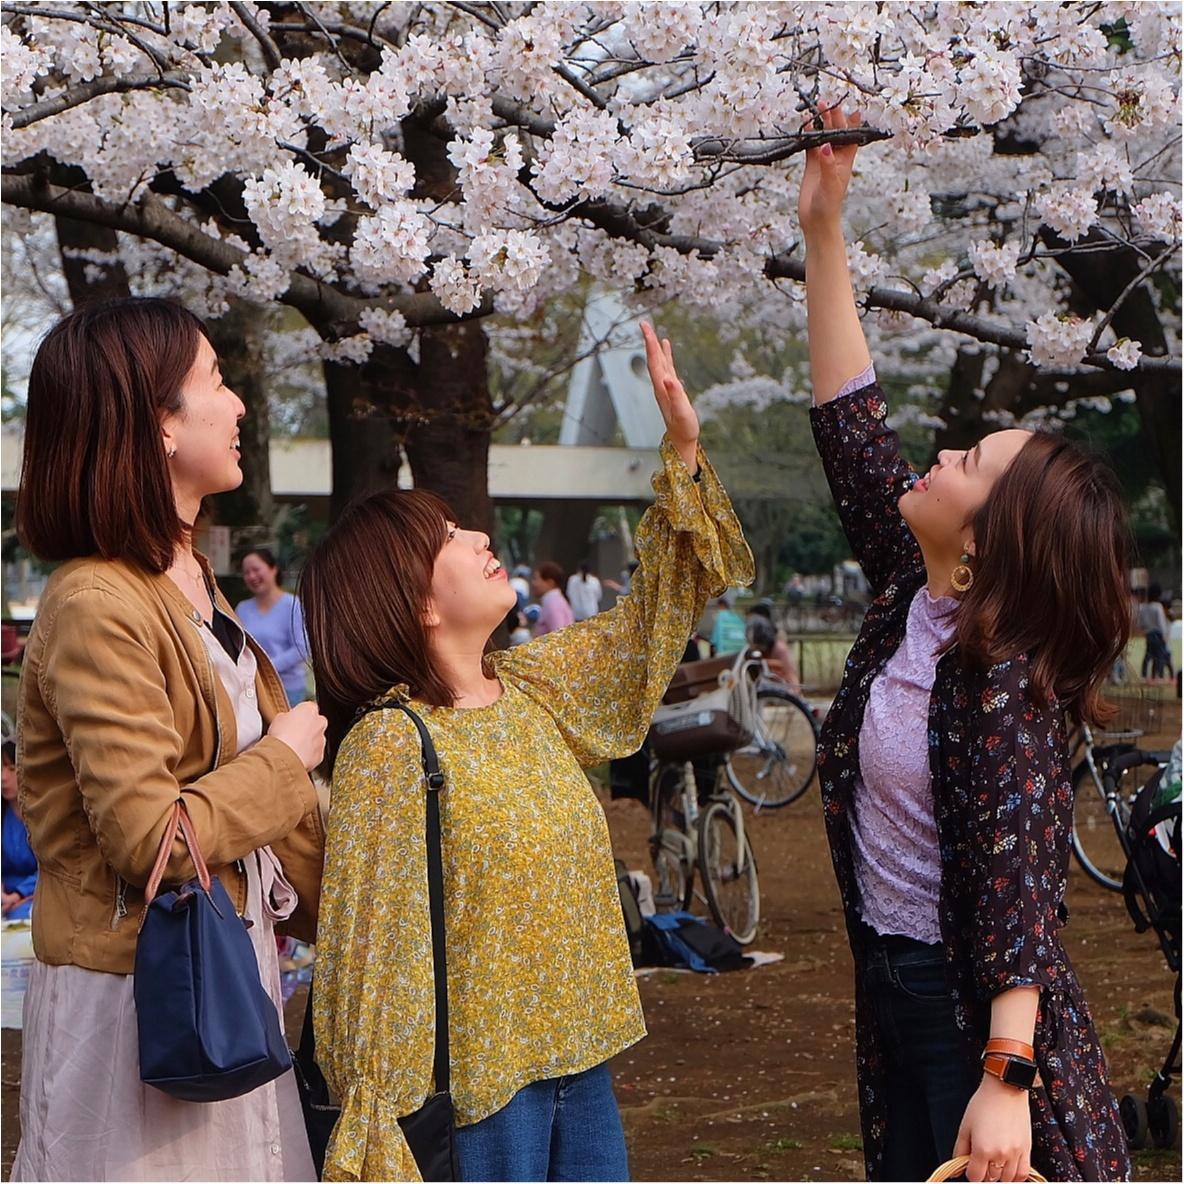 【GU】まだ間に合う!お花見コーデもみんな大好きGUで叶っちゃう♡♡¥1490なのに何通りにも使える多機能トップス♡_1